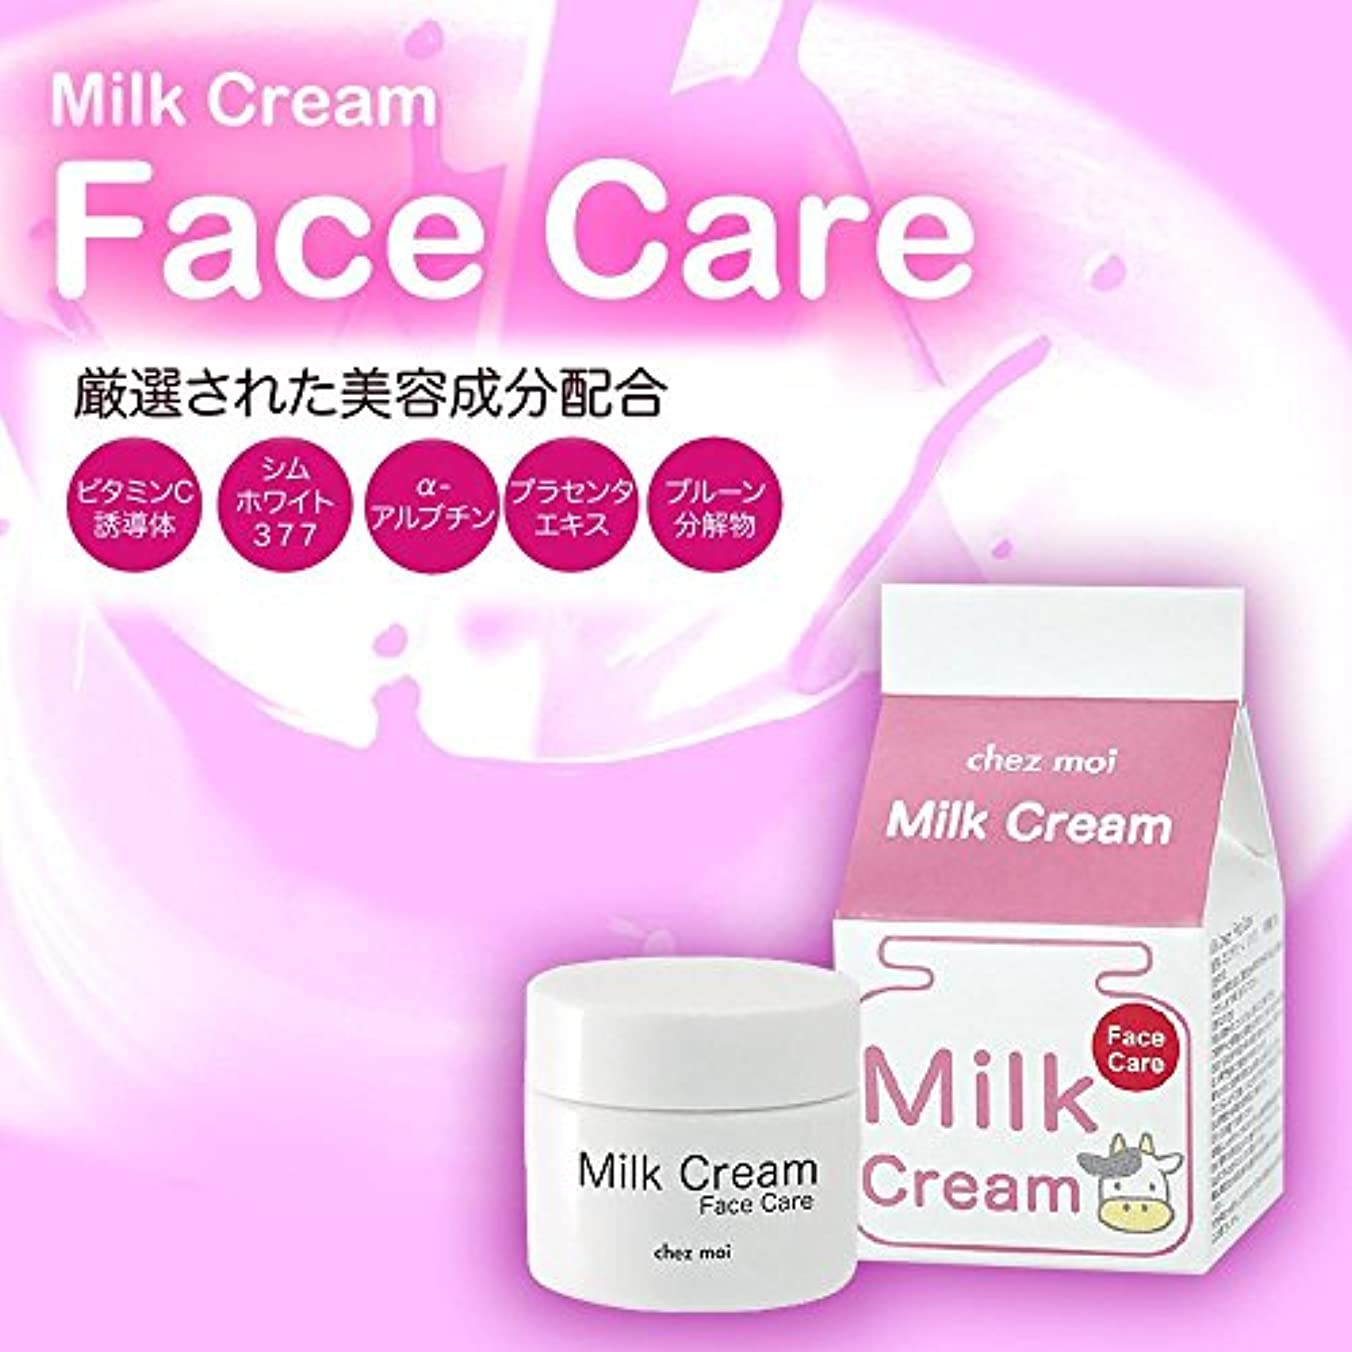 理論的ファイアル資格Milk Cream(ミルククリーム) Face Care(フェイスケア) パック 30g